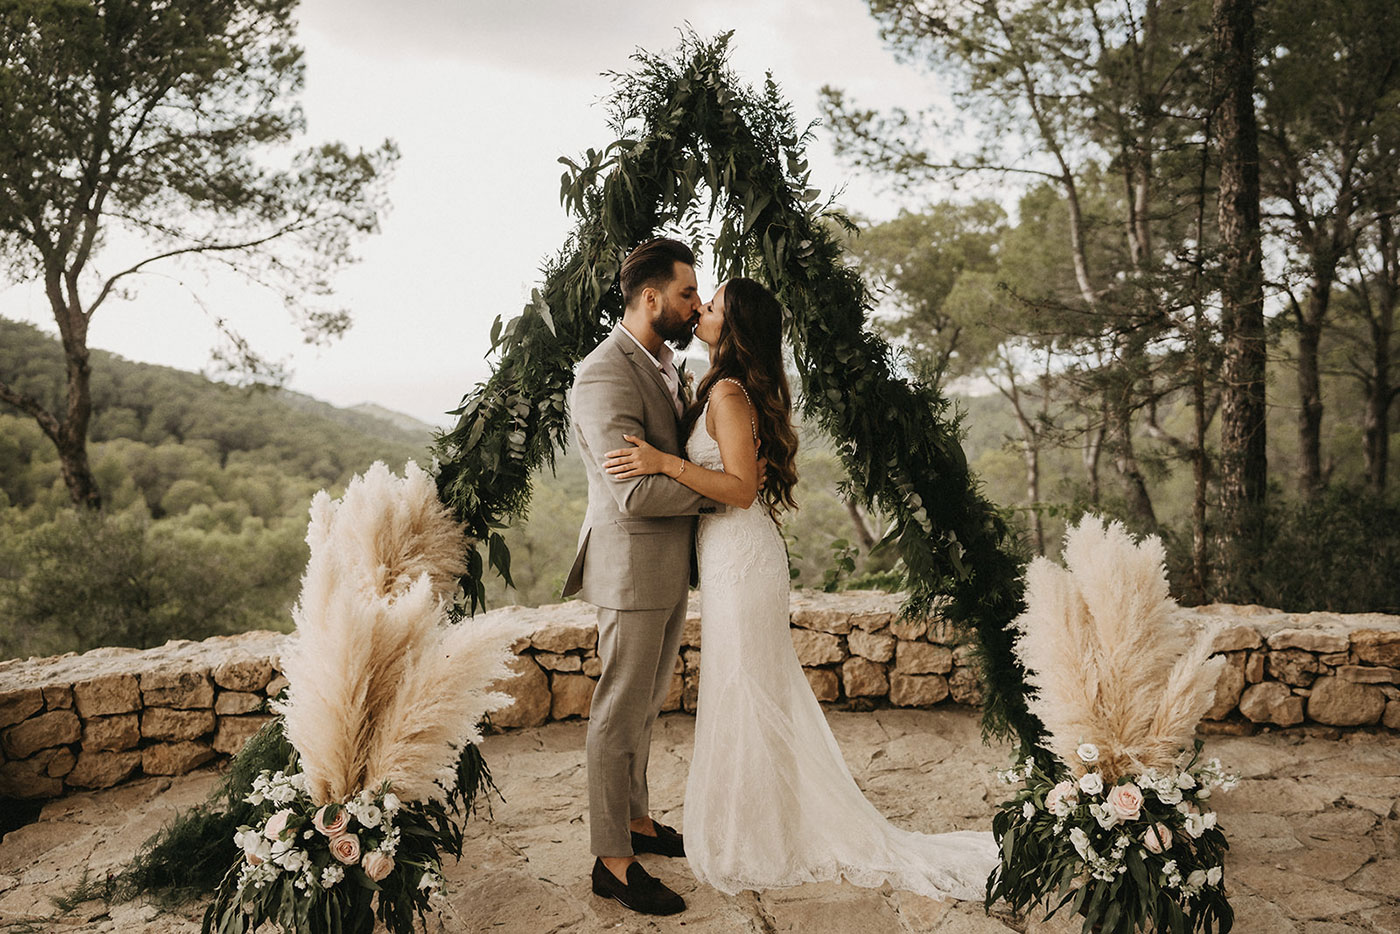 Samantha & Frank's Païssa d'en Bernat Wedding